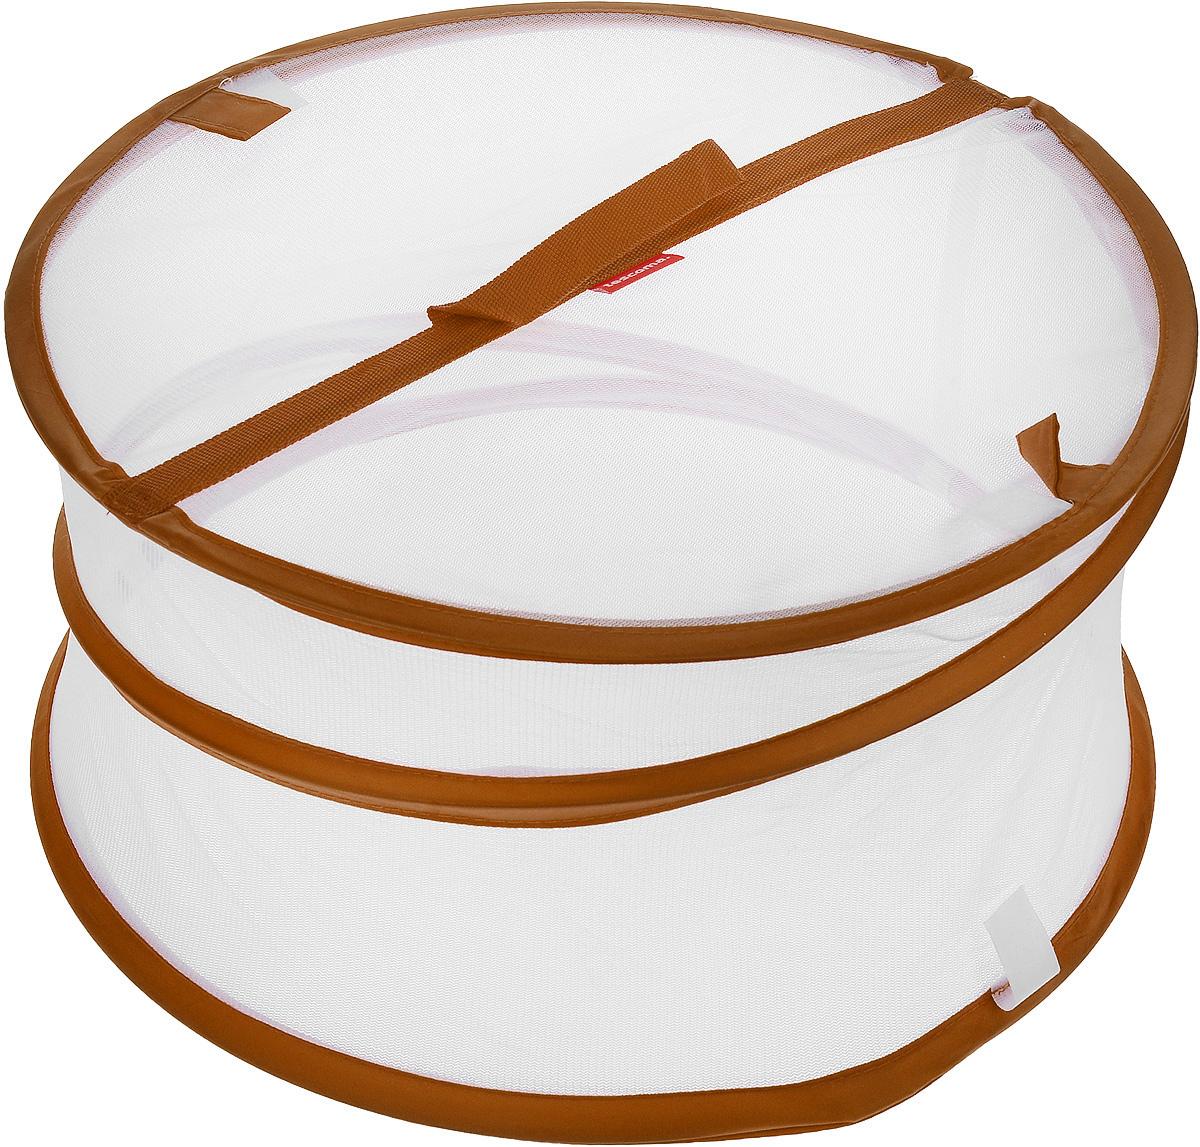 Крышка для пищевых продуктов Tescoma Delicia, складная, цвет: белый, коричневый, диаметр 35 см391602Крышка для пищевых продуктов Tescoma Delicia защитит еду от пыли и насекомых дома и на открытом воздухе. Крышка изготовлена из сетчатого текстиля и оснащена гибким металлическим каркасом. Просто составьте посуду с едой и накройте ее крышкой. Для легкого доступа изделие снабжено откидным верхом на липучке. Крышка легко складывается и раскладывается, при хранении занимает минимум пространства. Высота в разложенном виде: 20 см. Высота в сложенном виде: 1 см.